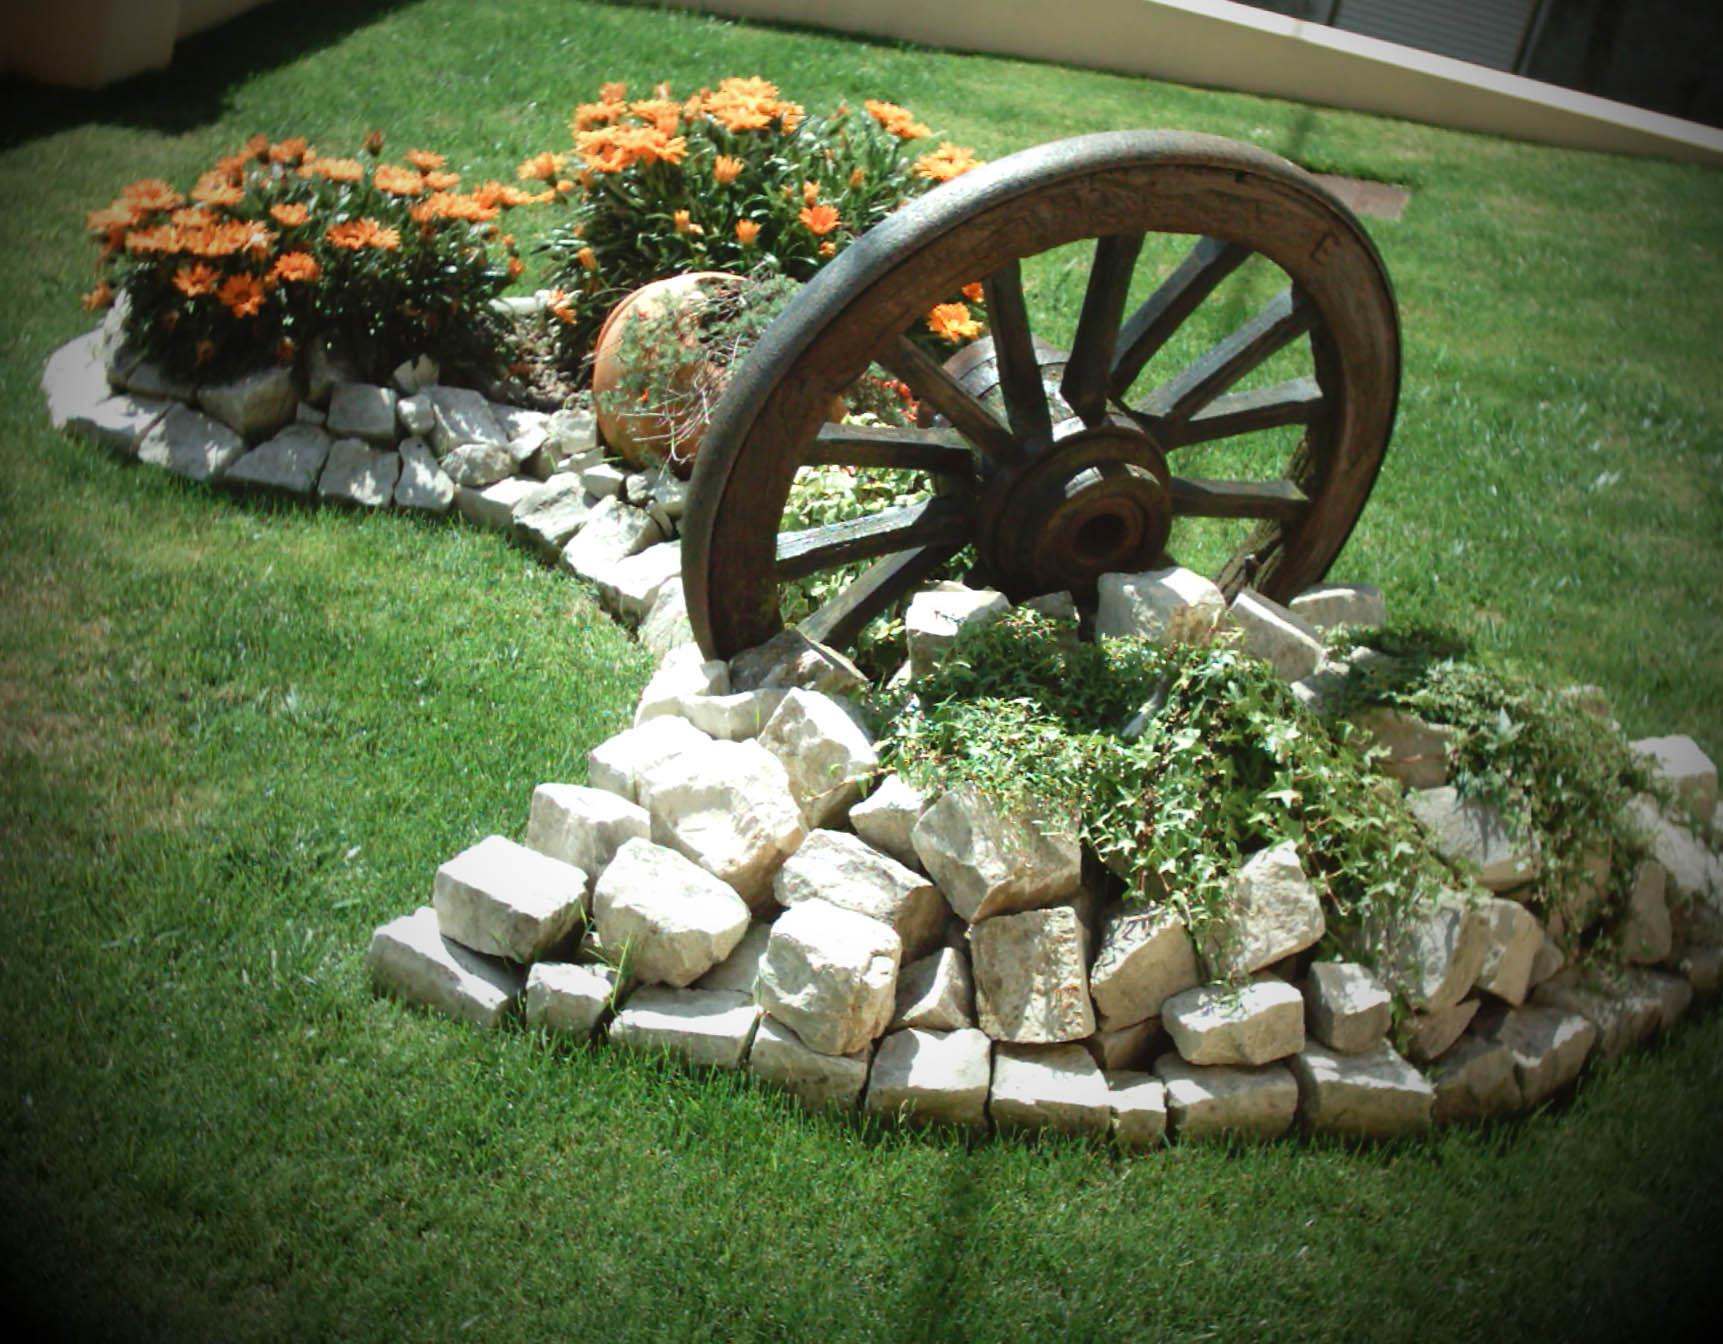 jardins pedras fotos:Assim, existem desde pedras mais irregulares e de menor dimensão